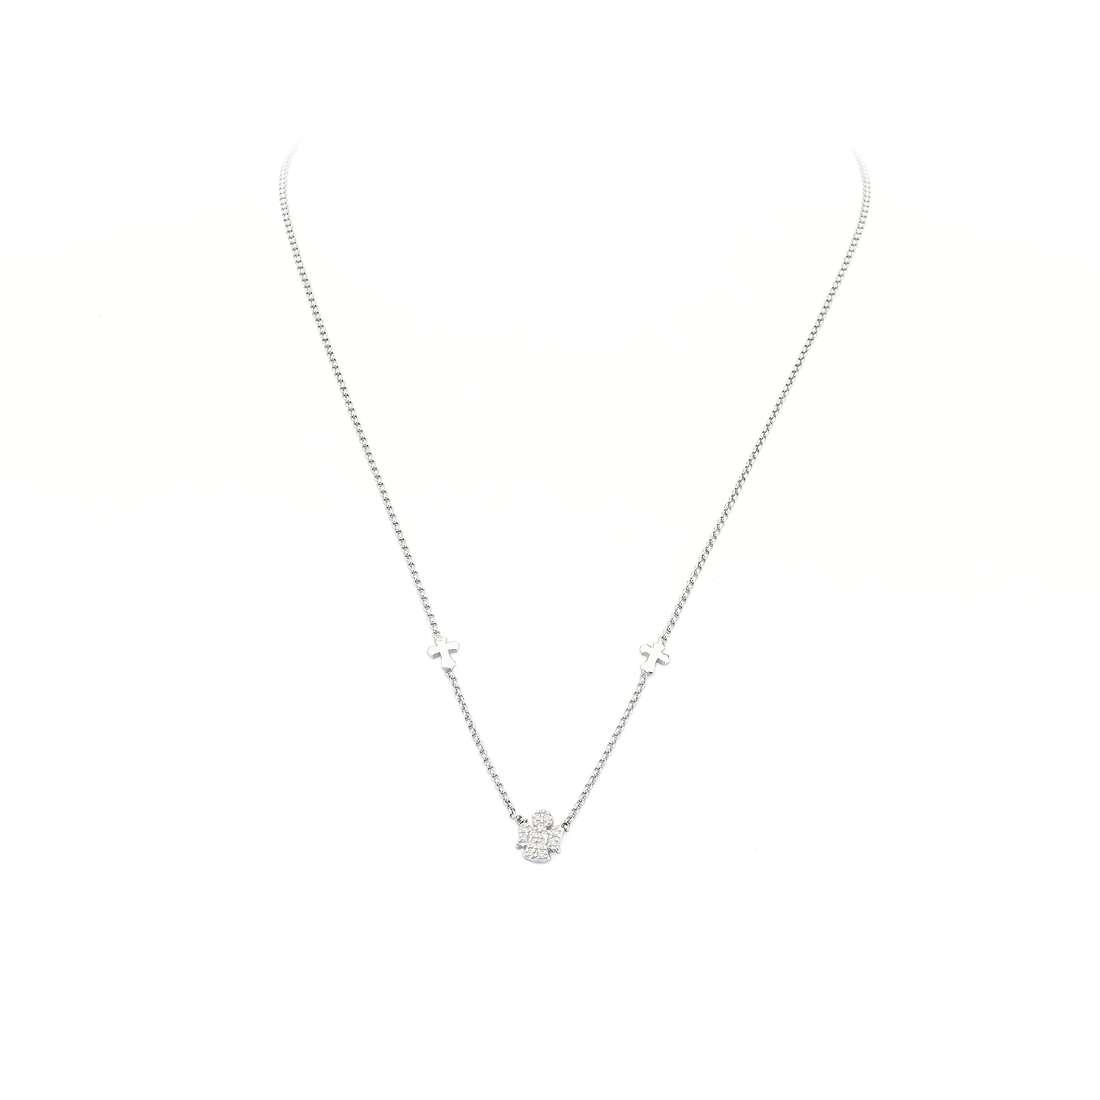 necklace unisex jewellery Amen Prega, Ama CLCAZB3